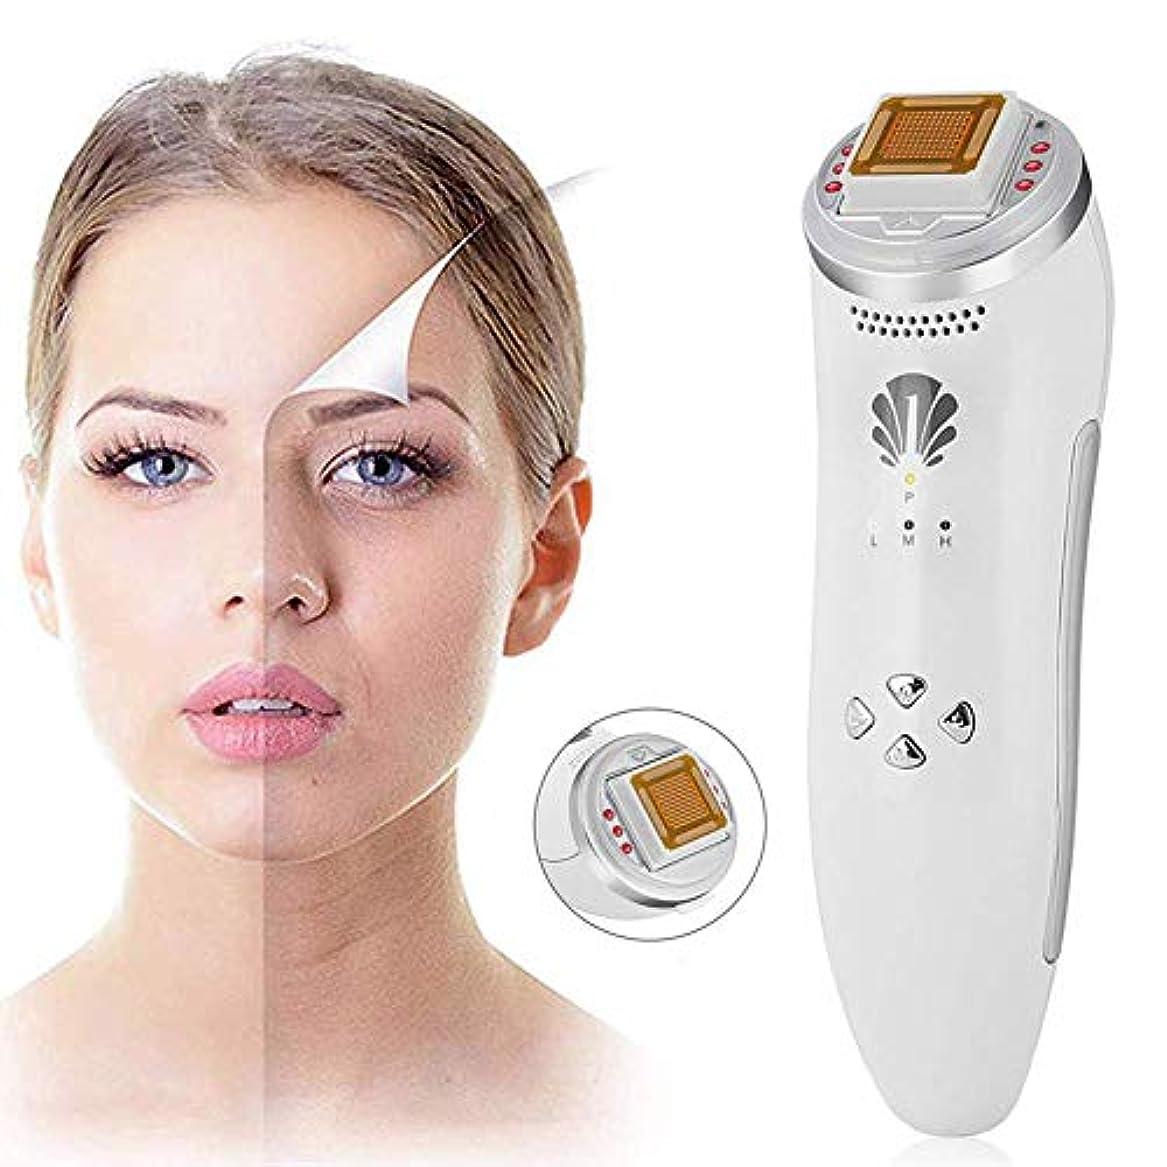 化粧社会科従事するしわのためのフェイスリフト装置の皮のきつく締まる機械は顔のマッサージャー多機能のスキンケアの美の器械を取除きます